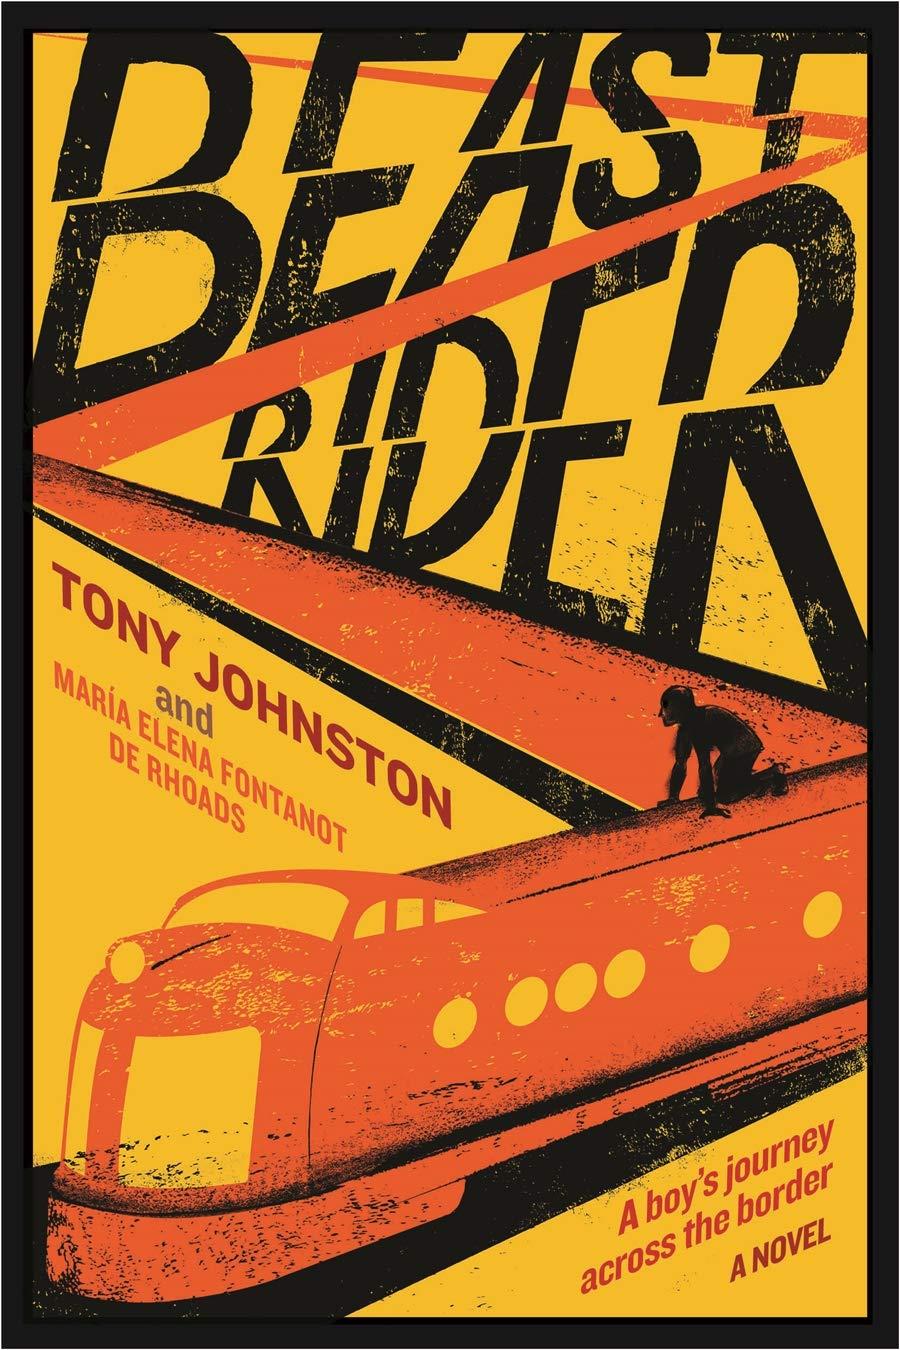 Amazon.com: Beast Rider (9781419733635): Johnston, Tony, de Rhoads, María  Elena Fontanot: Books